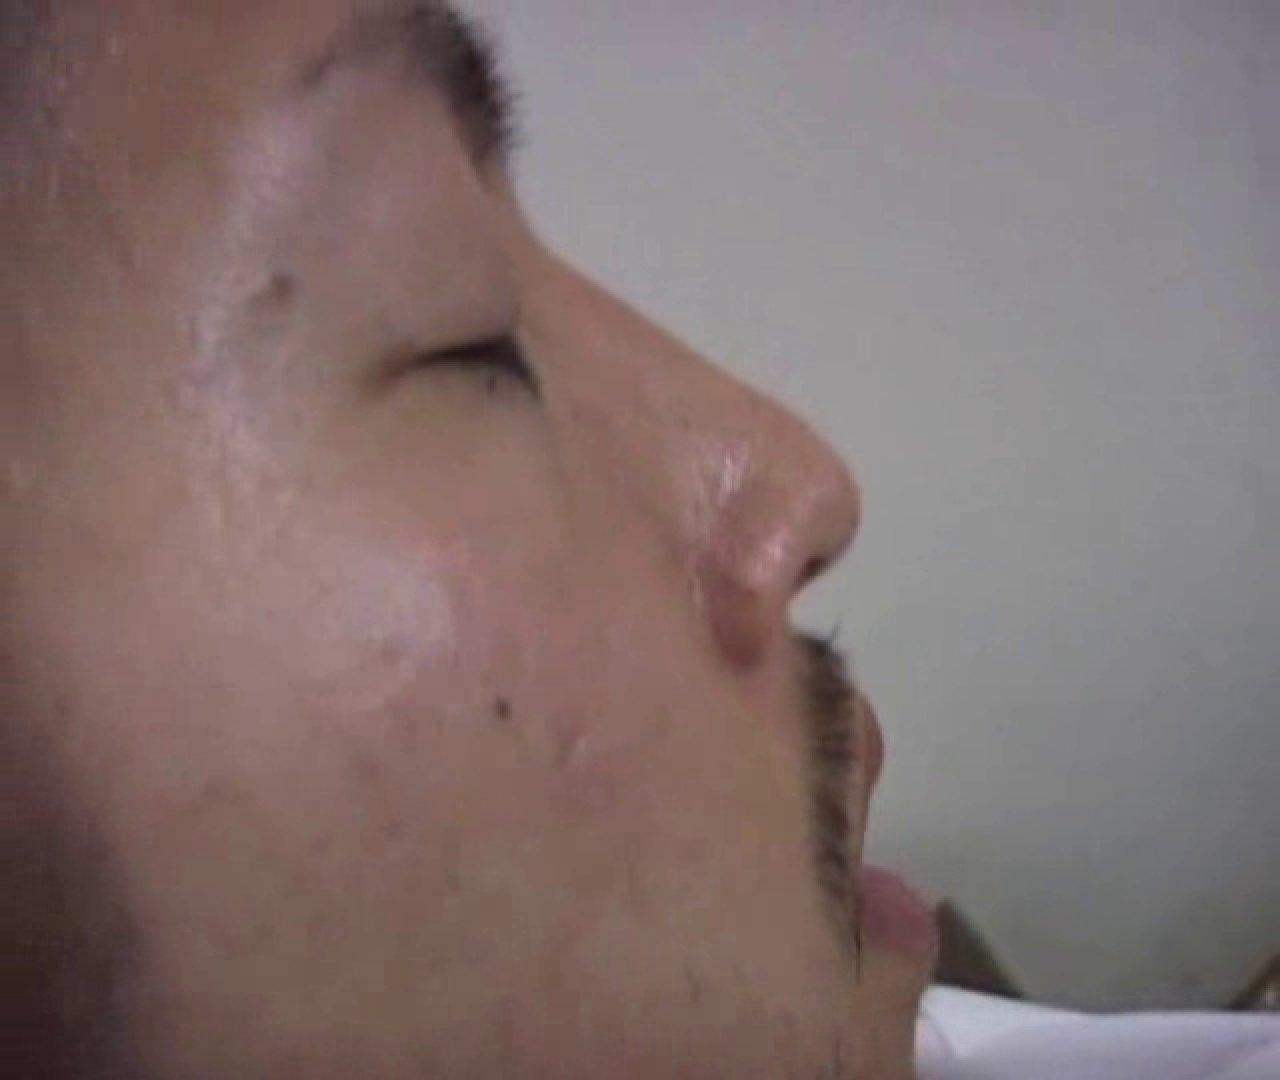 大集合!!カッコ可愛いメンズの一穴入根!!.VOL89 ゲイのオナニー映像  103枚 68